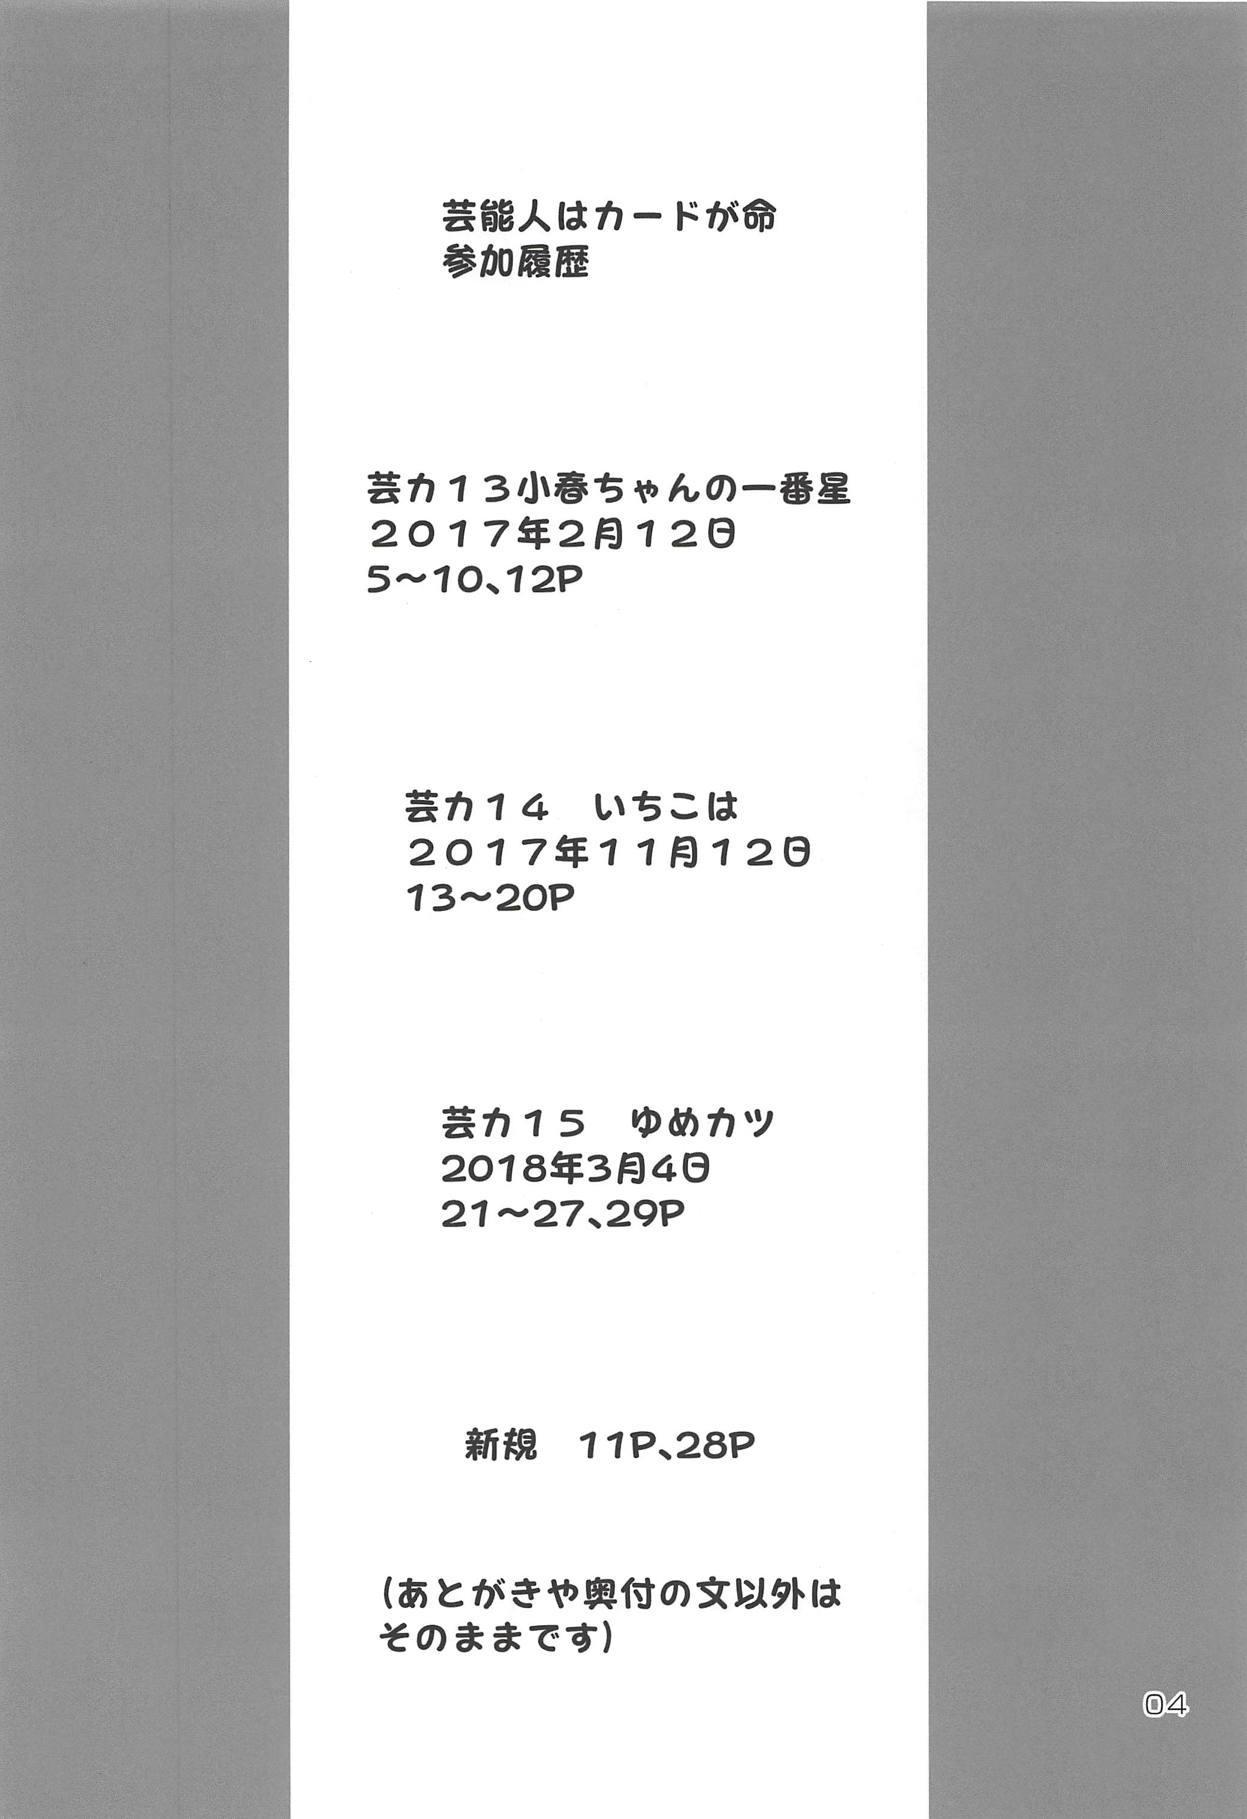 Matokatsu! 2